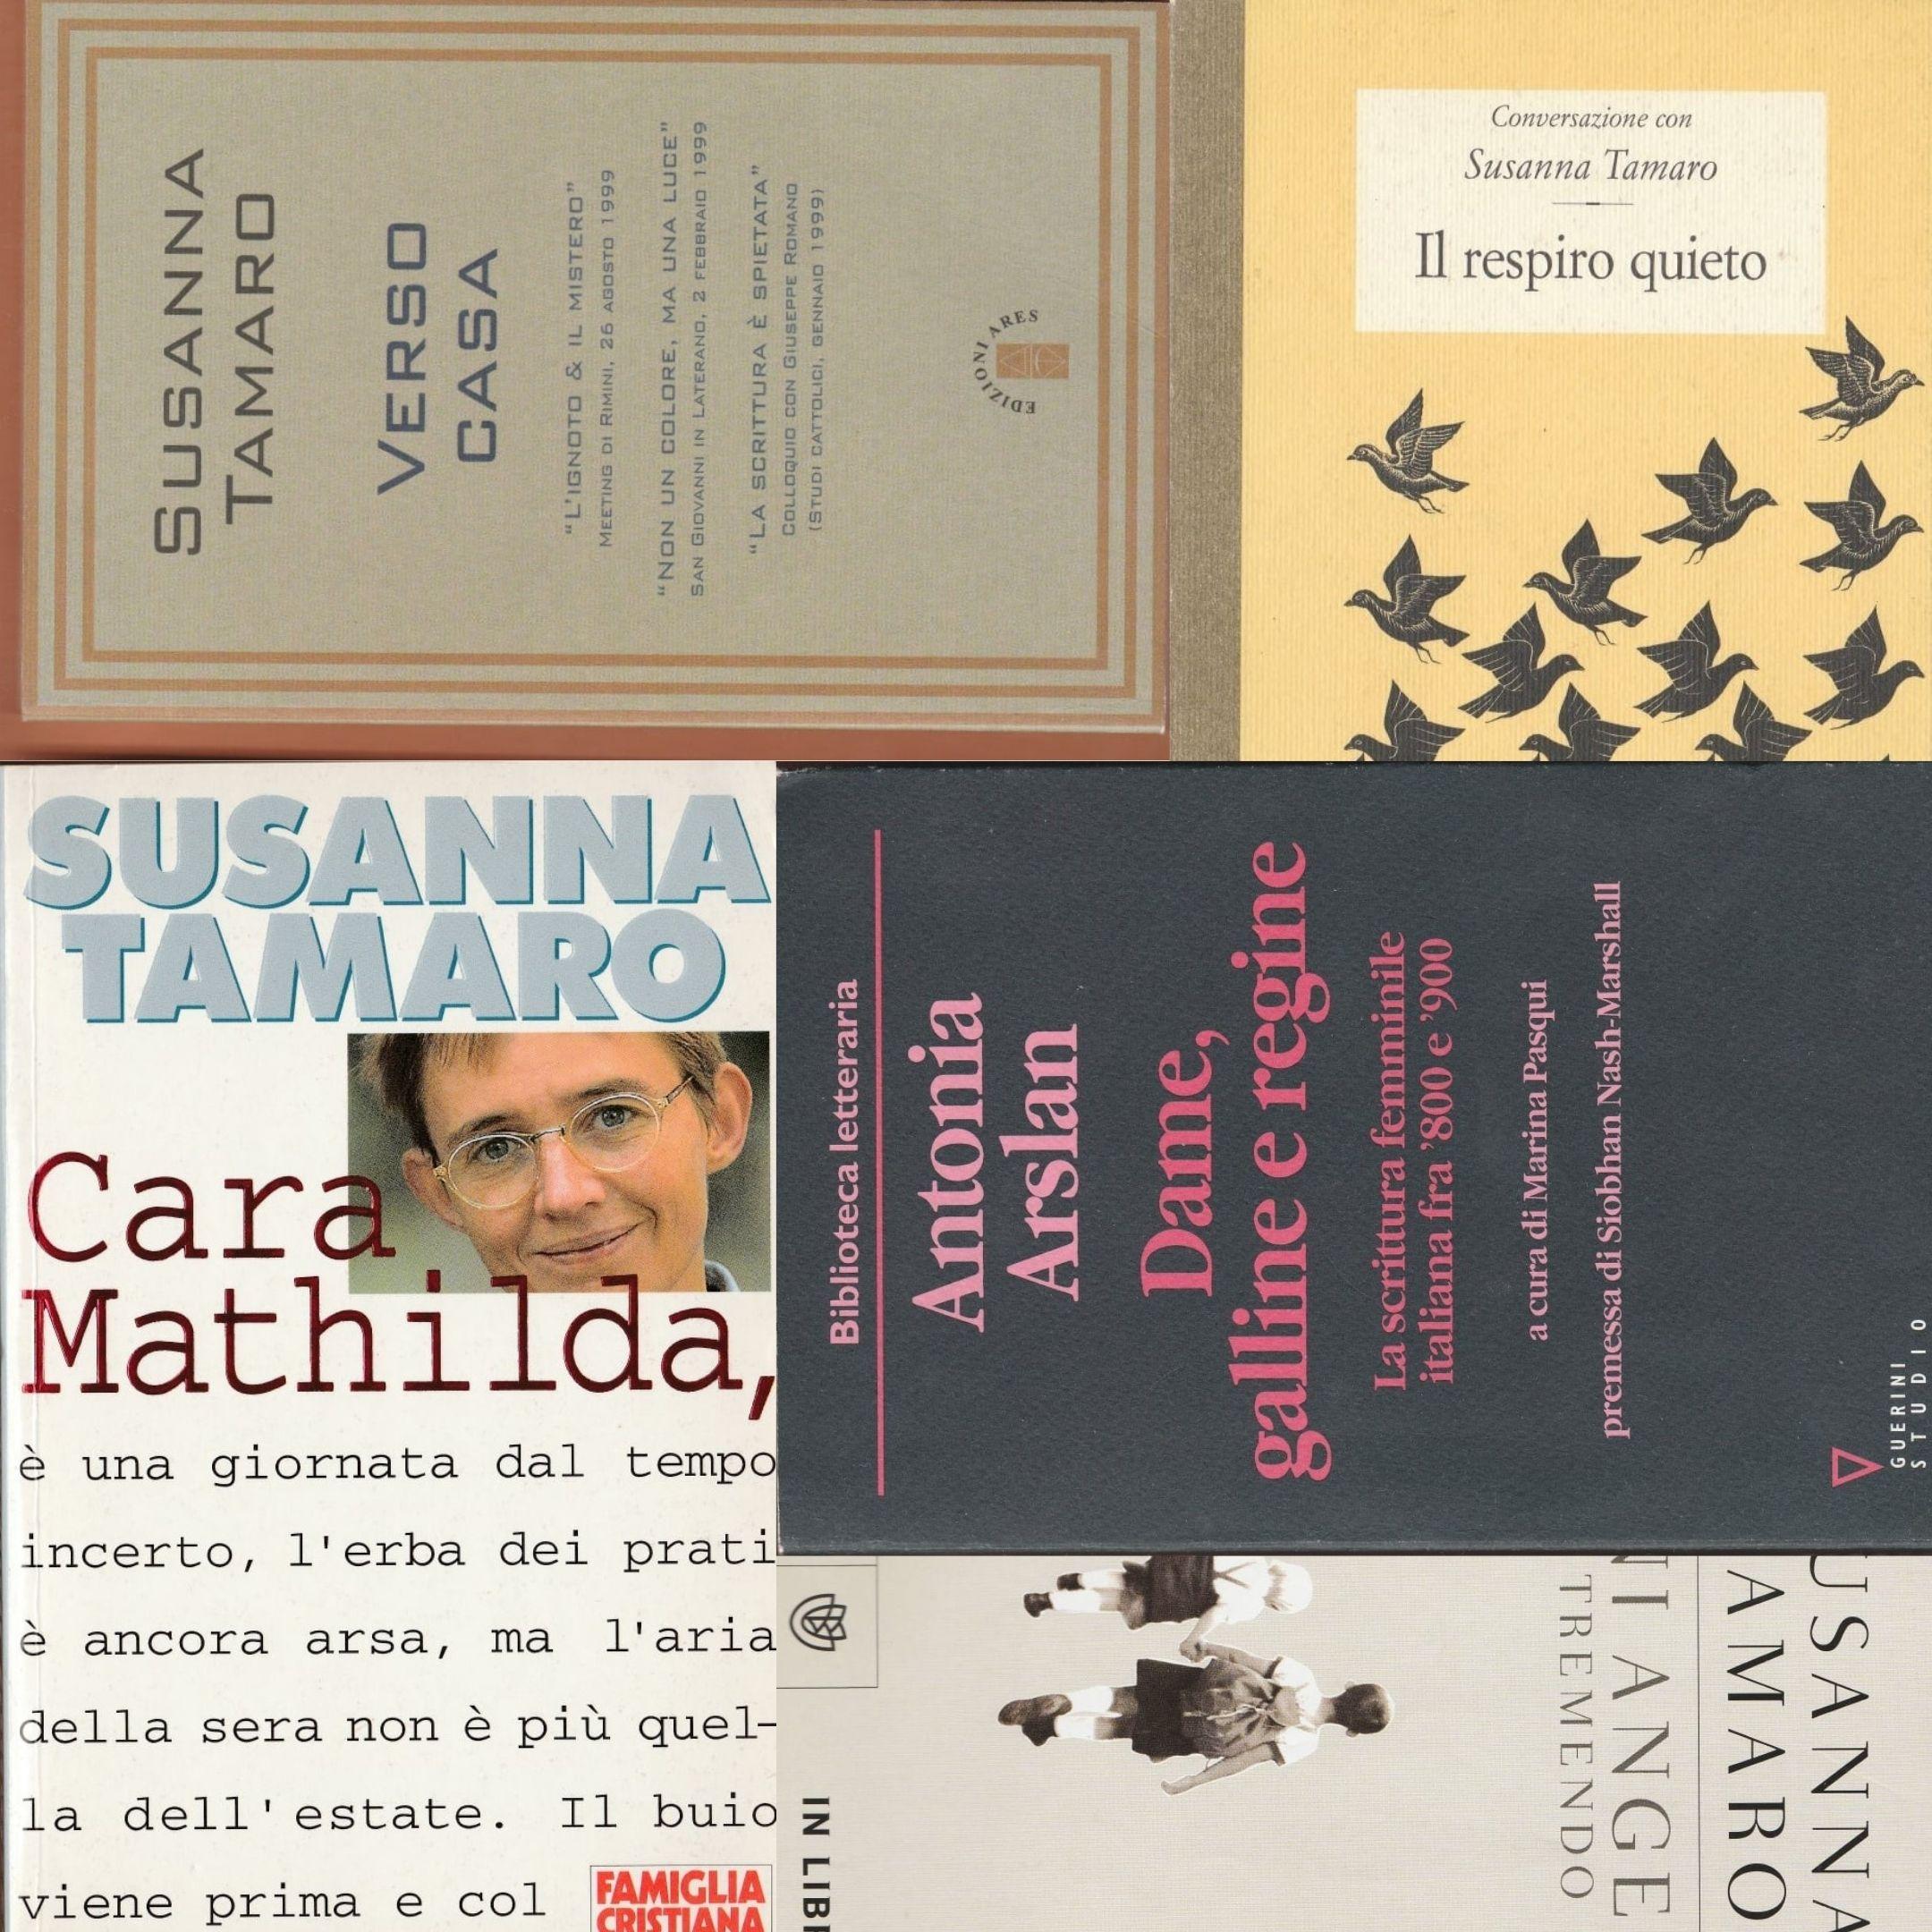 Tamaro, o delle rarità bibliografiche (alla nostra portata)!